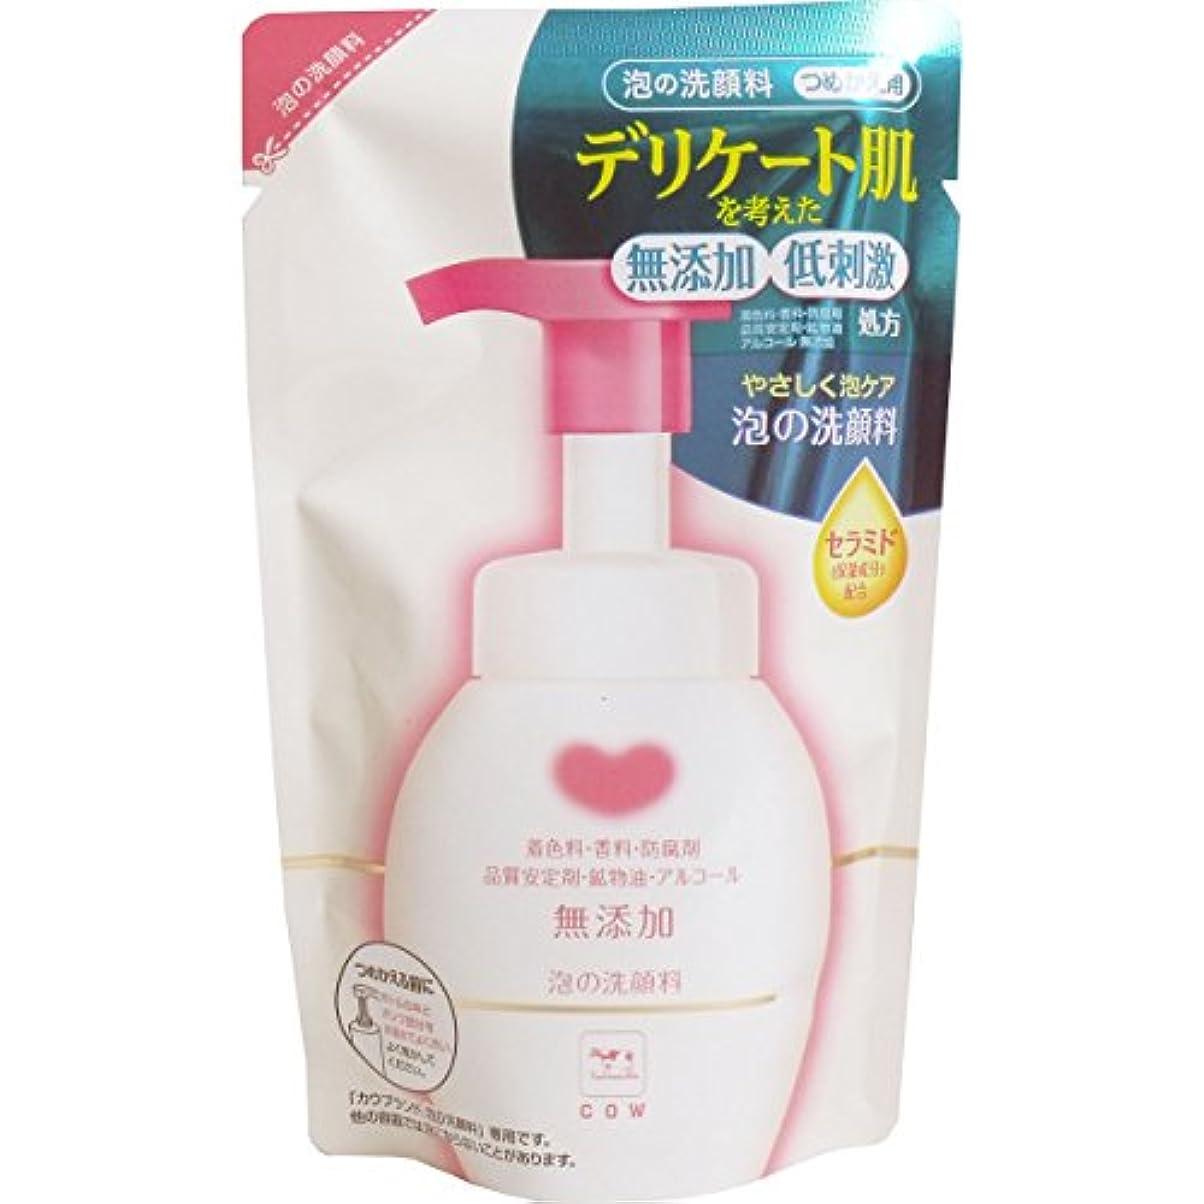 プログラムポジション思い出す【まとめ買い】カウブランド 無添加泡の洗顔料 詰替用 180ML ×2セット